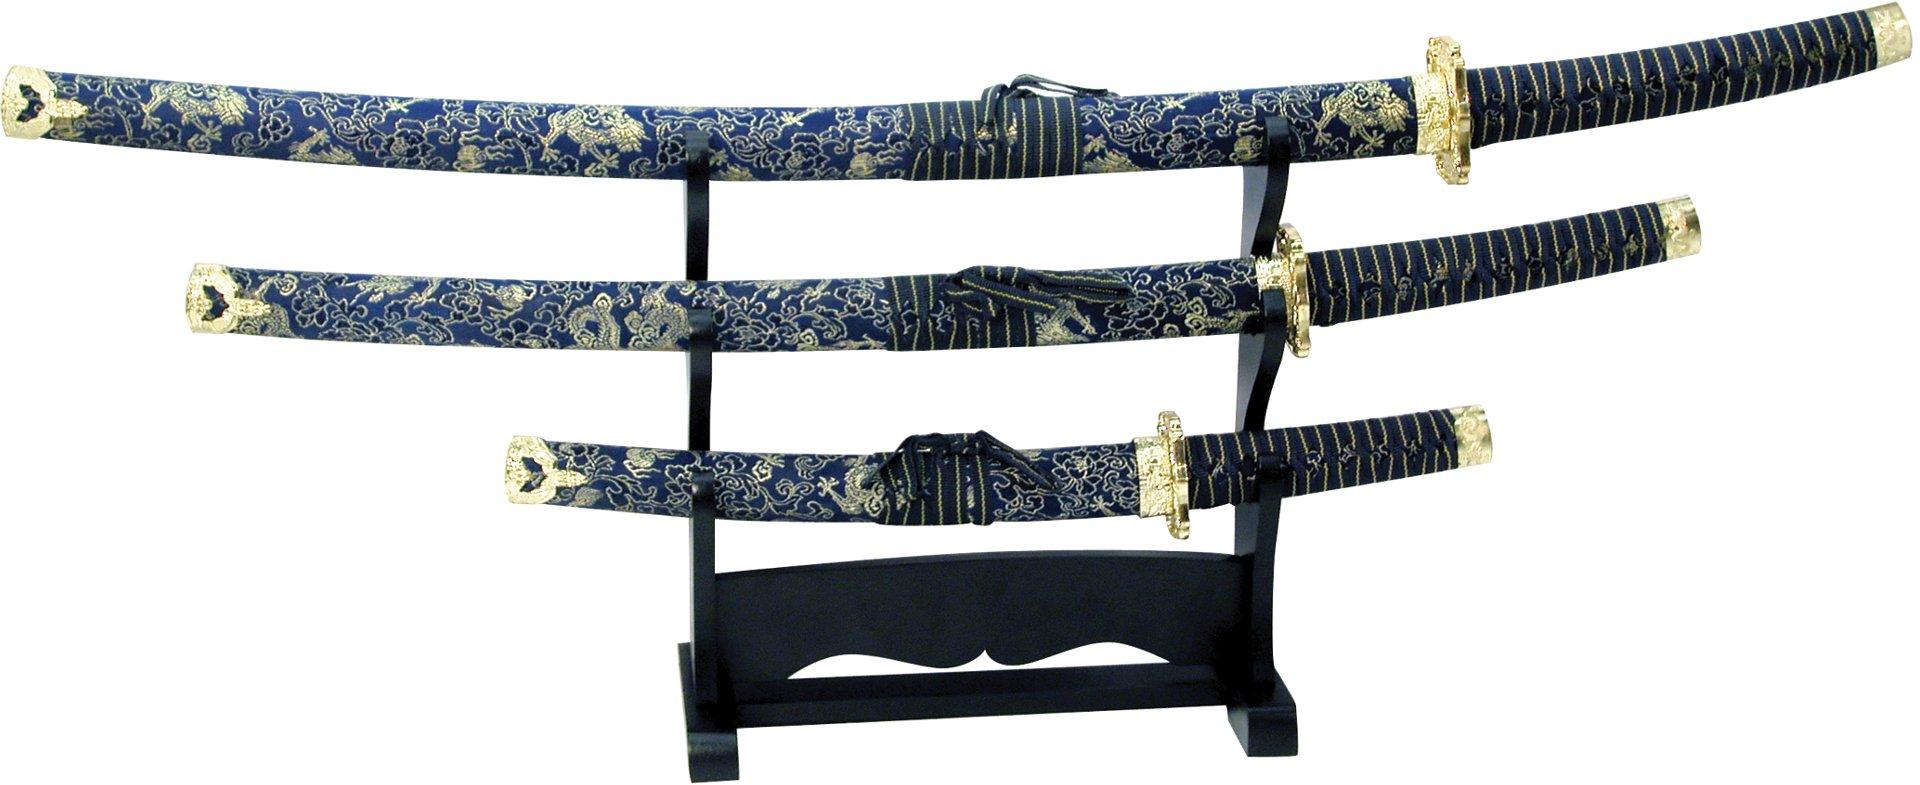 BladesUSA Jl-021Bl4 Katana Samurai Sword Set, 3-Piece with Scabbard and Display Stand, 40-Inch Overall Katana by BladesUSA